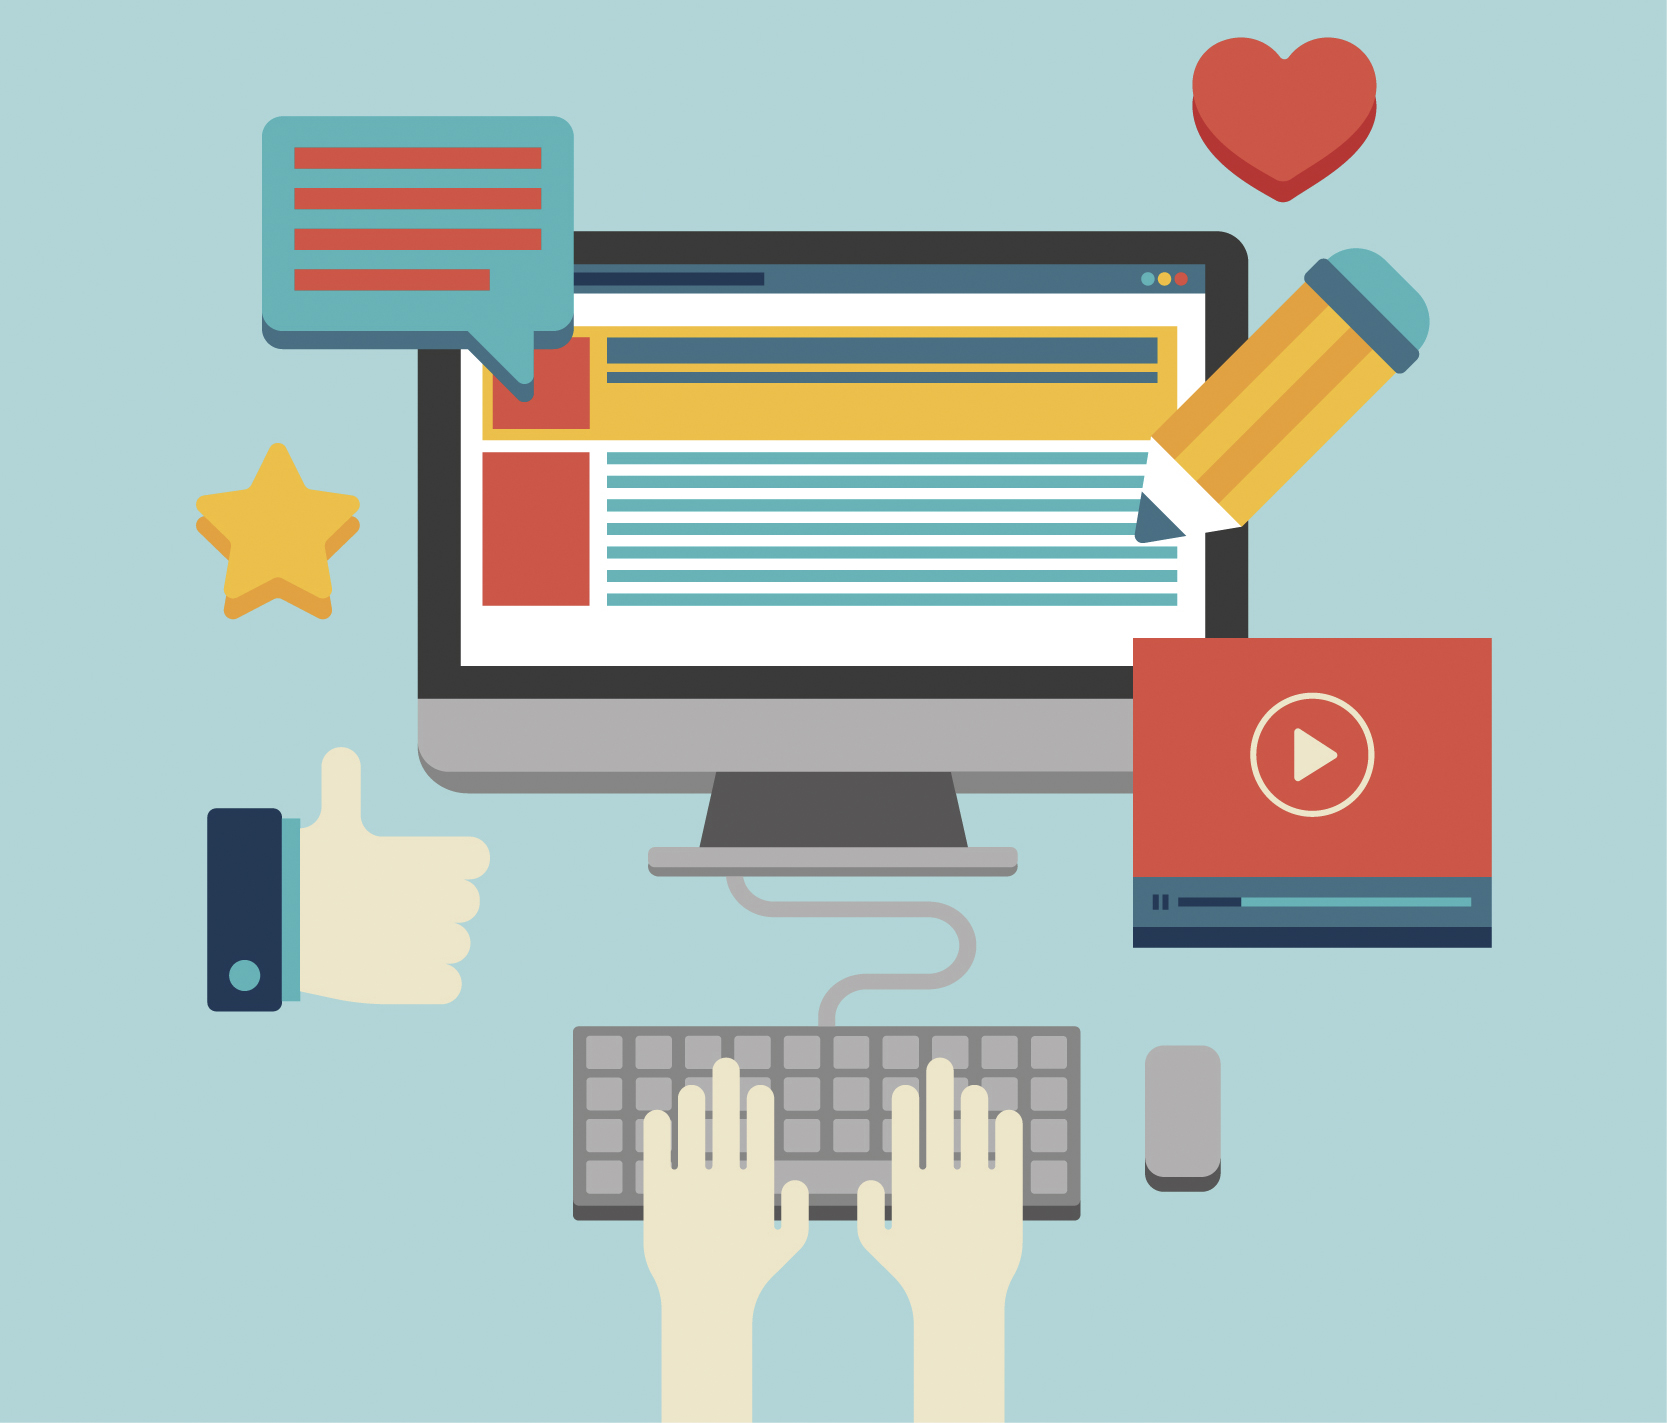 Online Survey Design For Kids